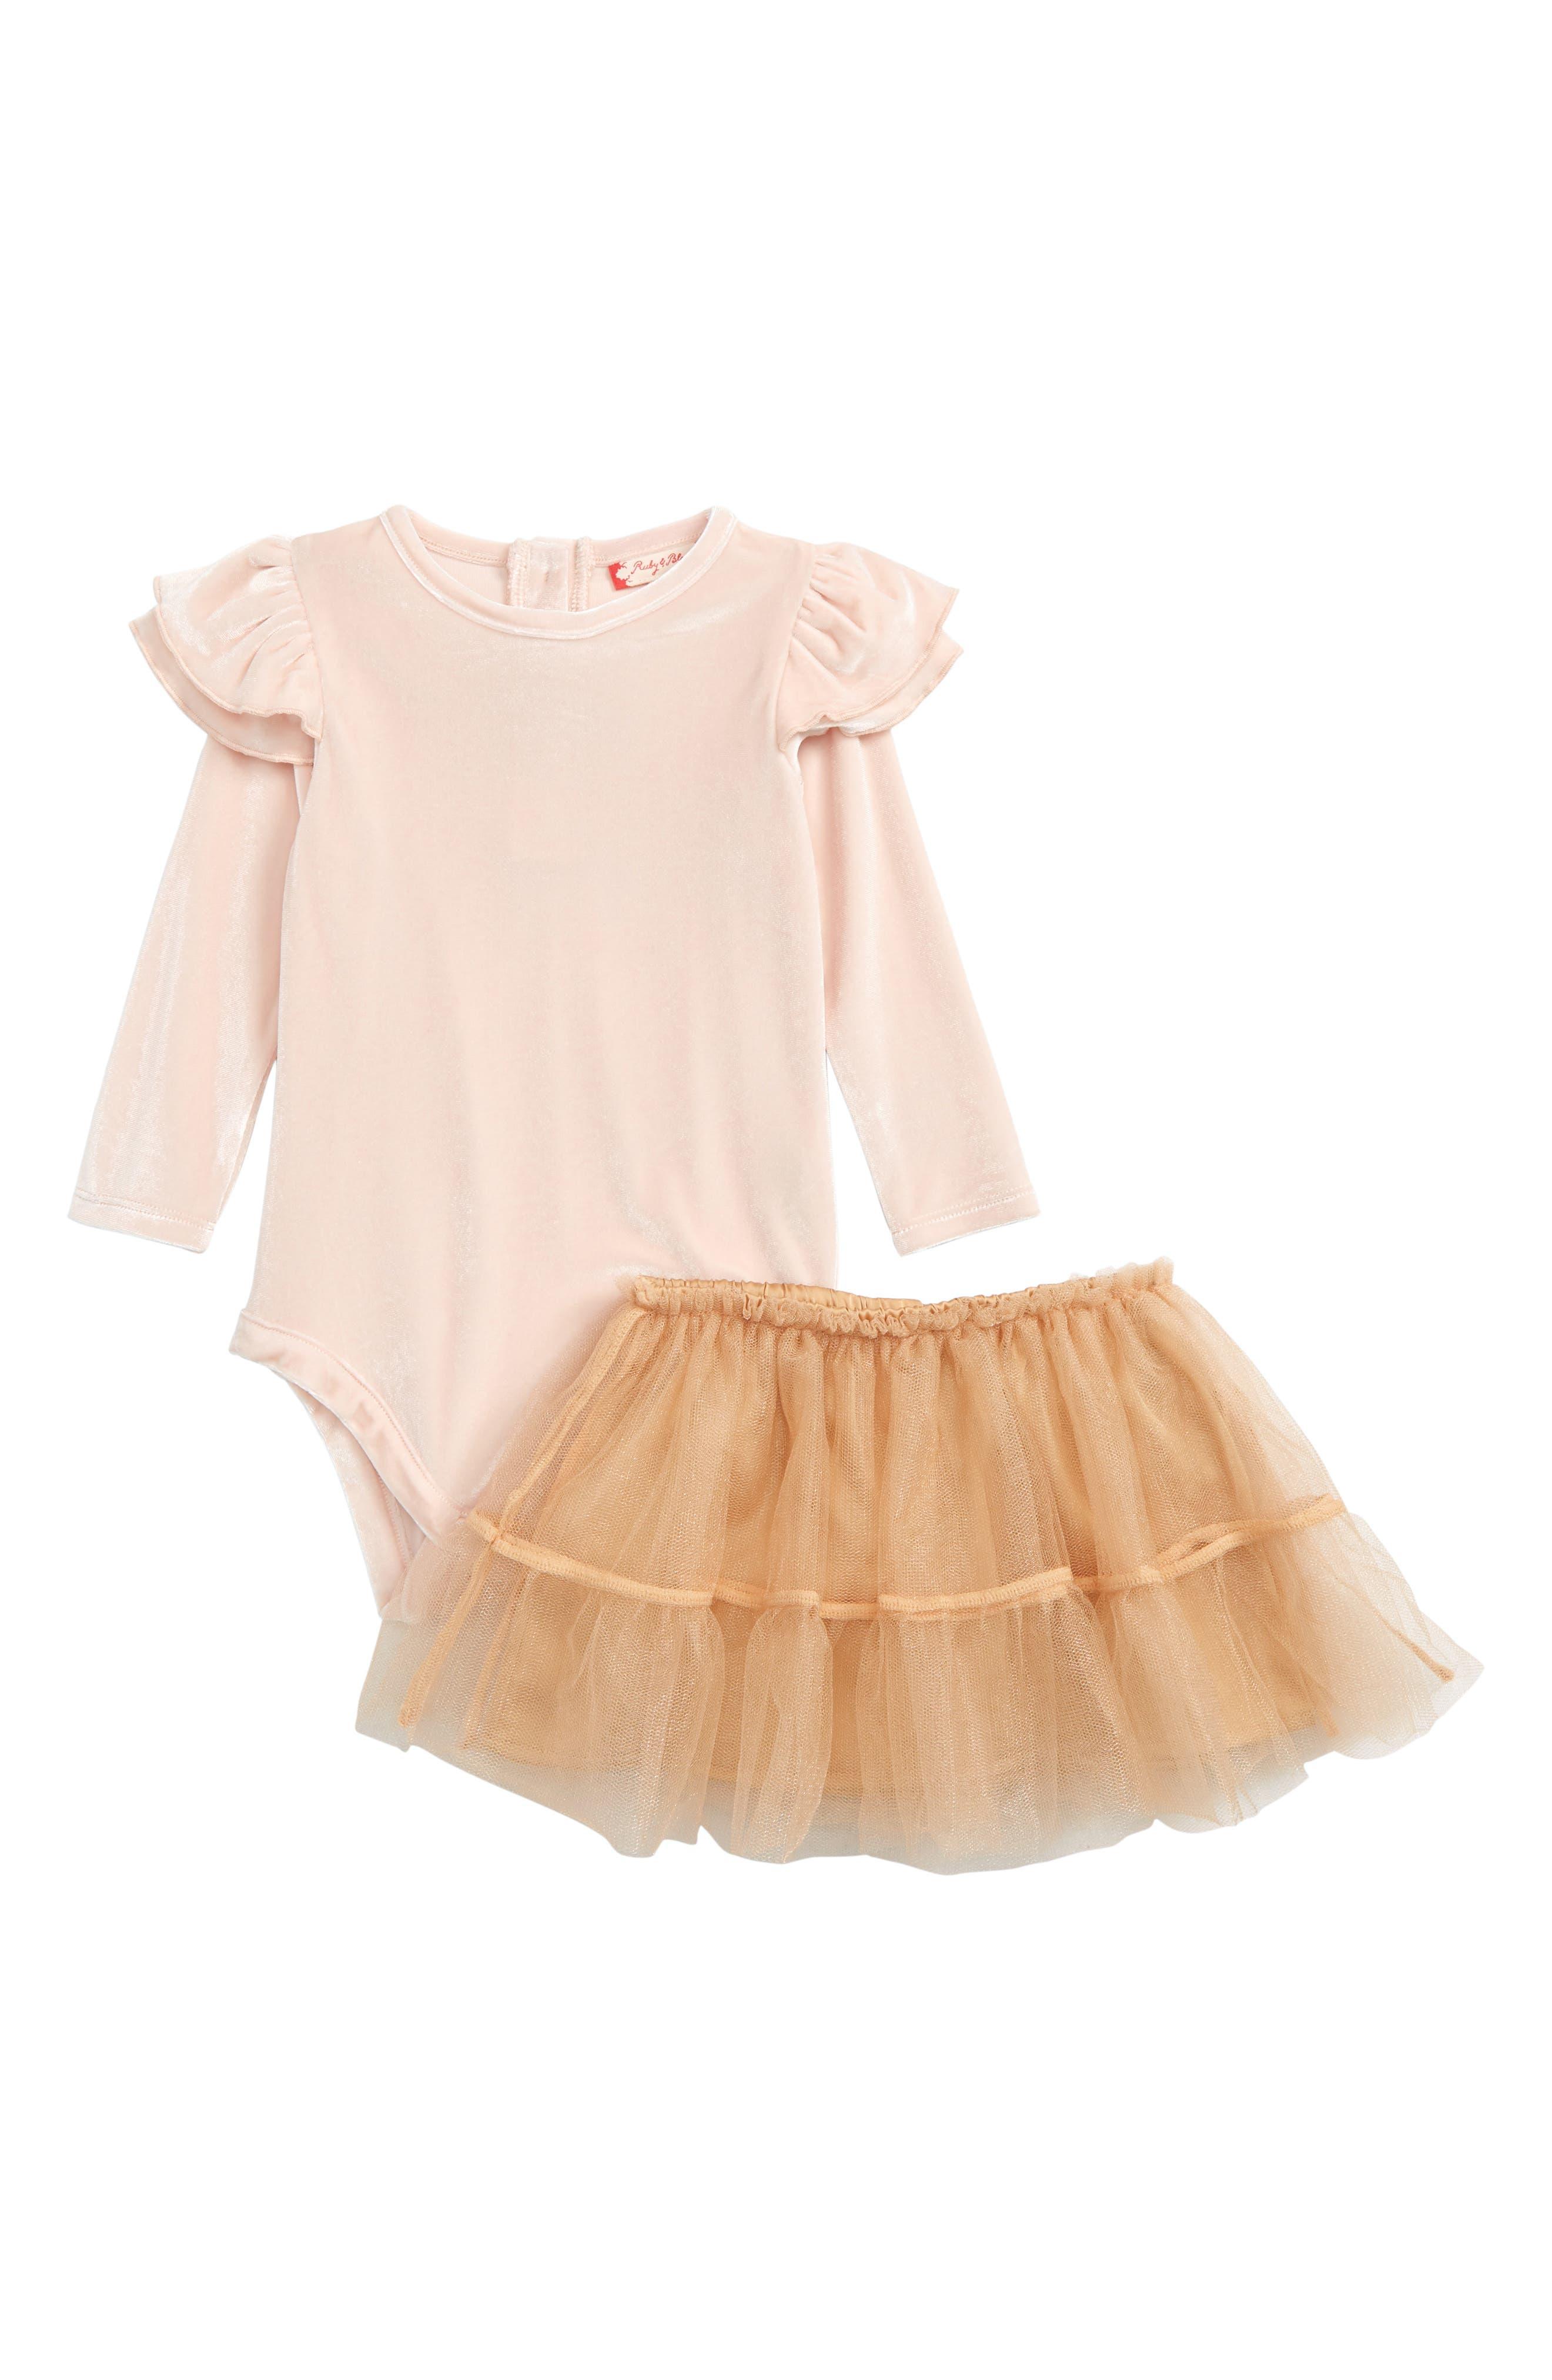 RUBY & BLOOM, Ballerina Velvet Bodysuit & Tulle Skirt Set, Main thumbnail 1, color, 680